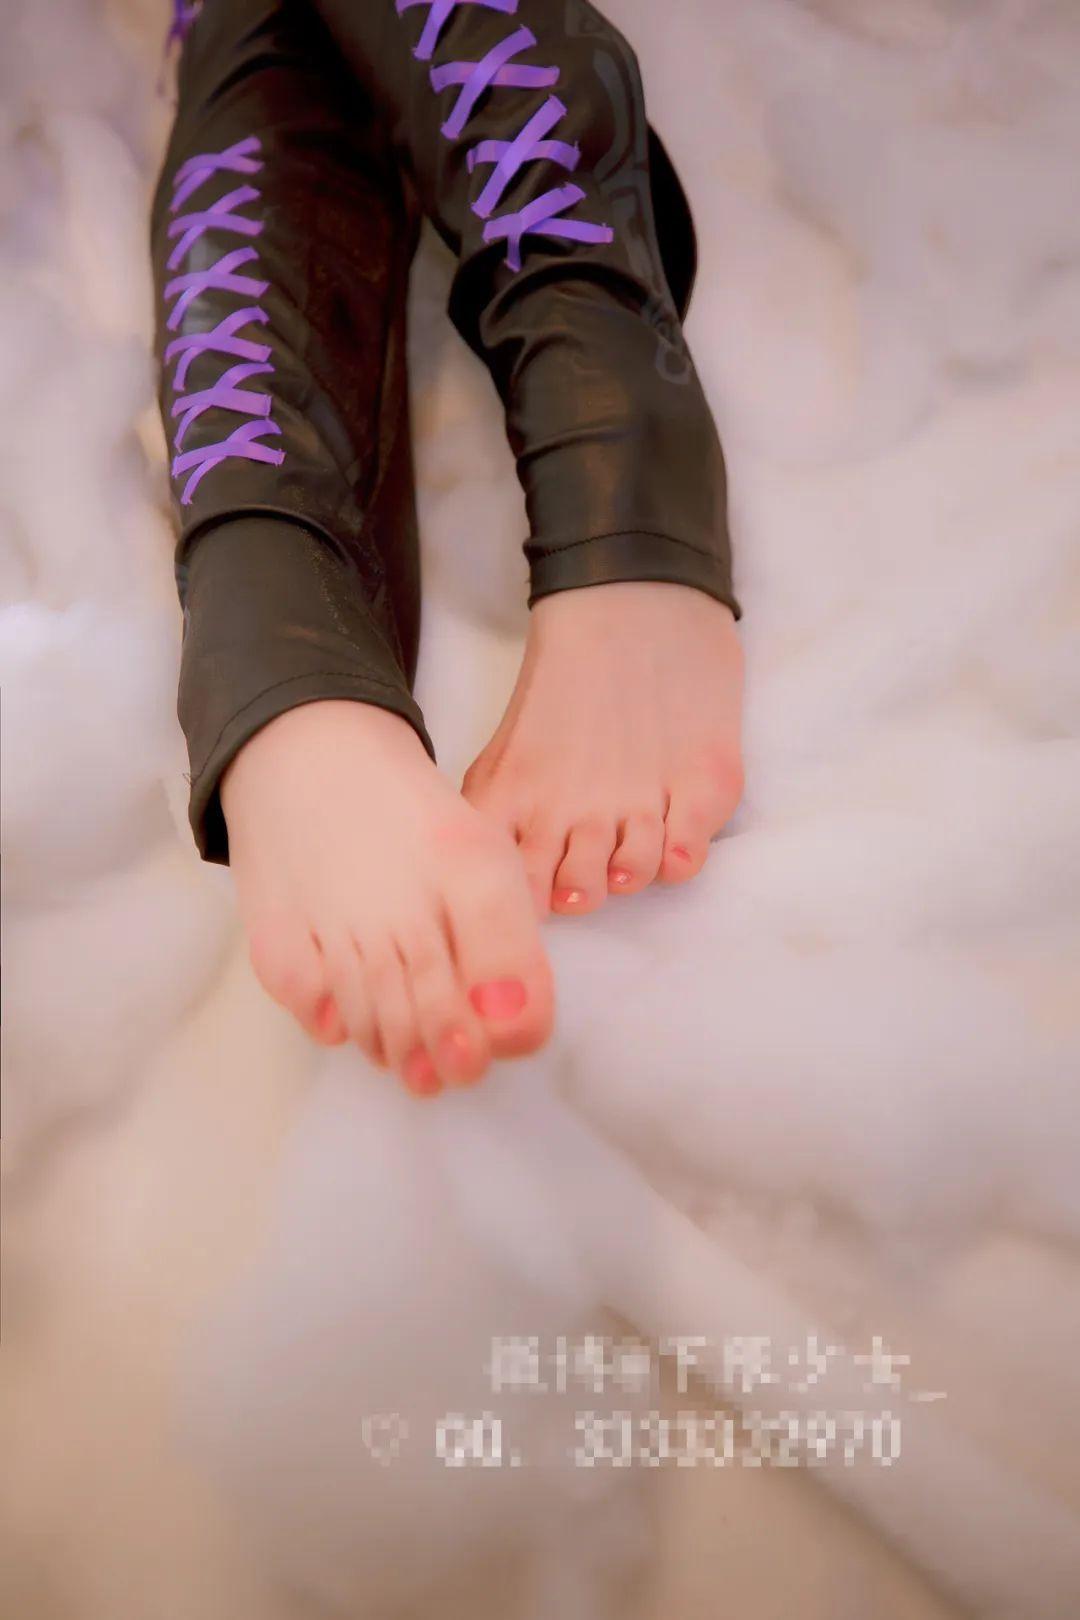 妹子摄影 – 黑白丝袜+裸足 少女女仆装_图片 No.13